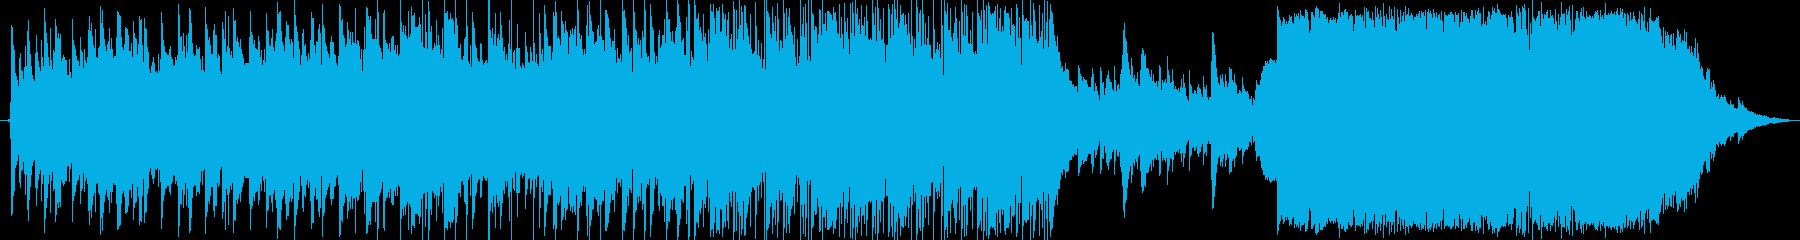 インディーズ ロック 代替案 ポッ...の再生済みの波形